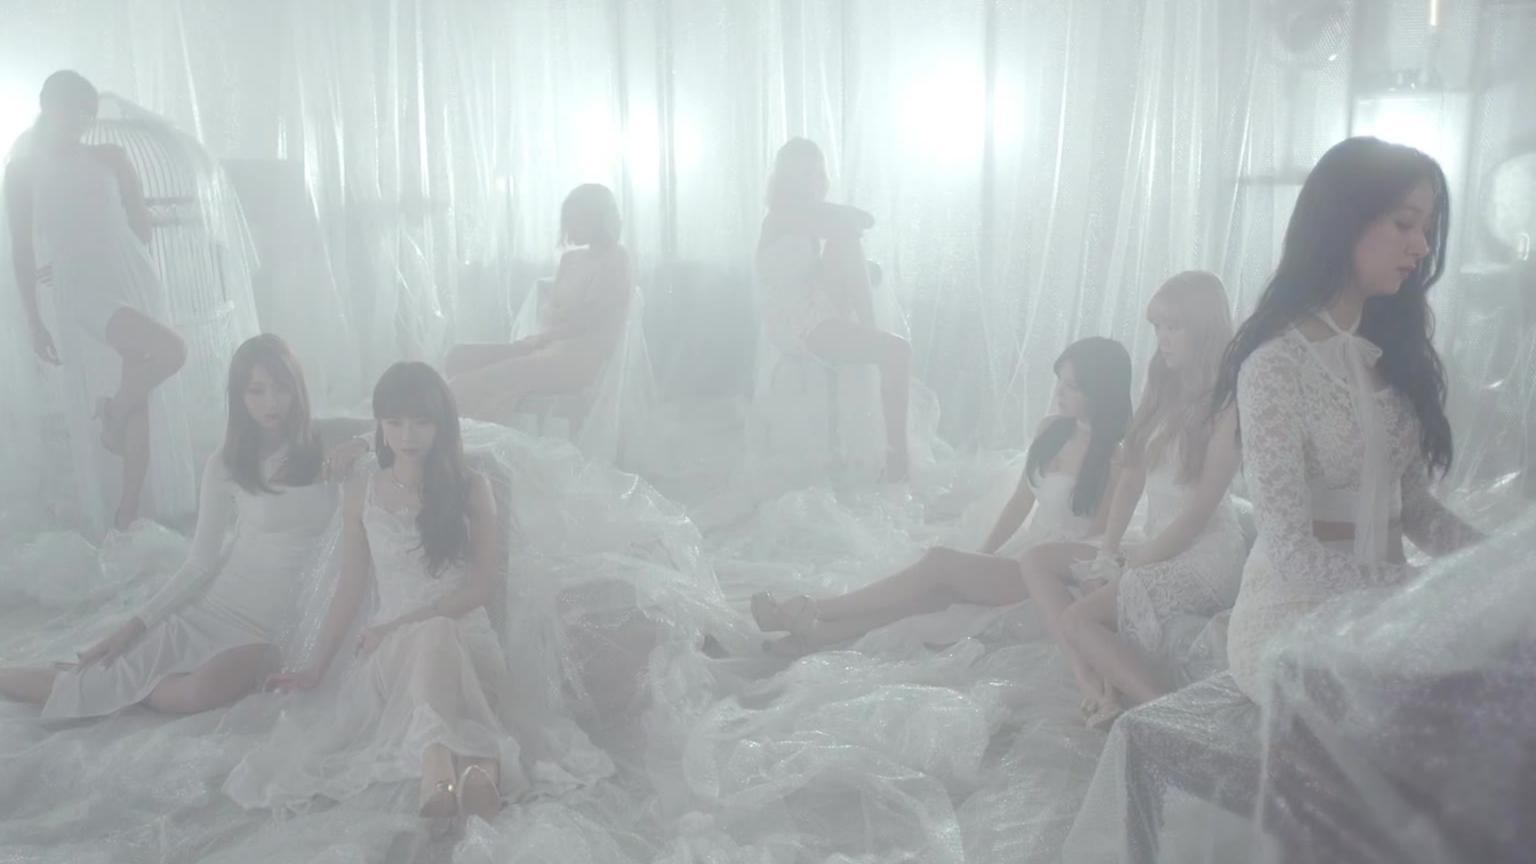 文艺复兴!Nine Muses - Sleepless Night 是怨妇风盛行的时代